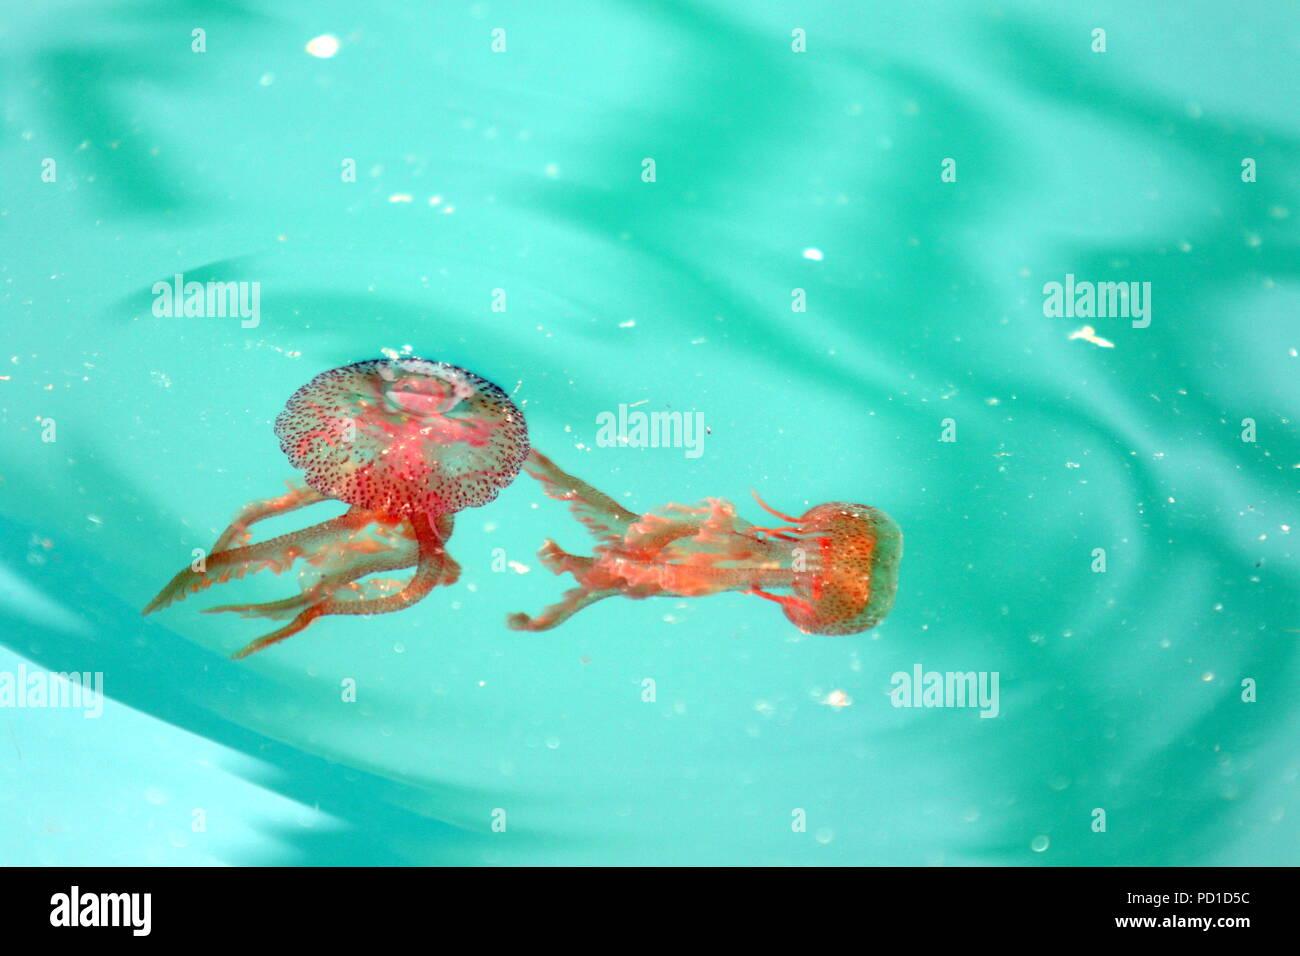 Jellyfish Plague Stock Photos & Jellyfish Plague Stock Images - Alamy